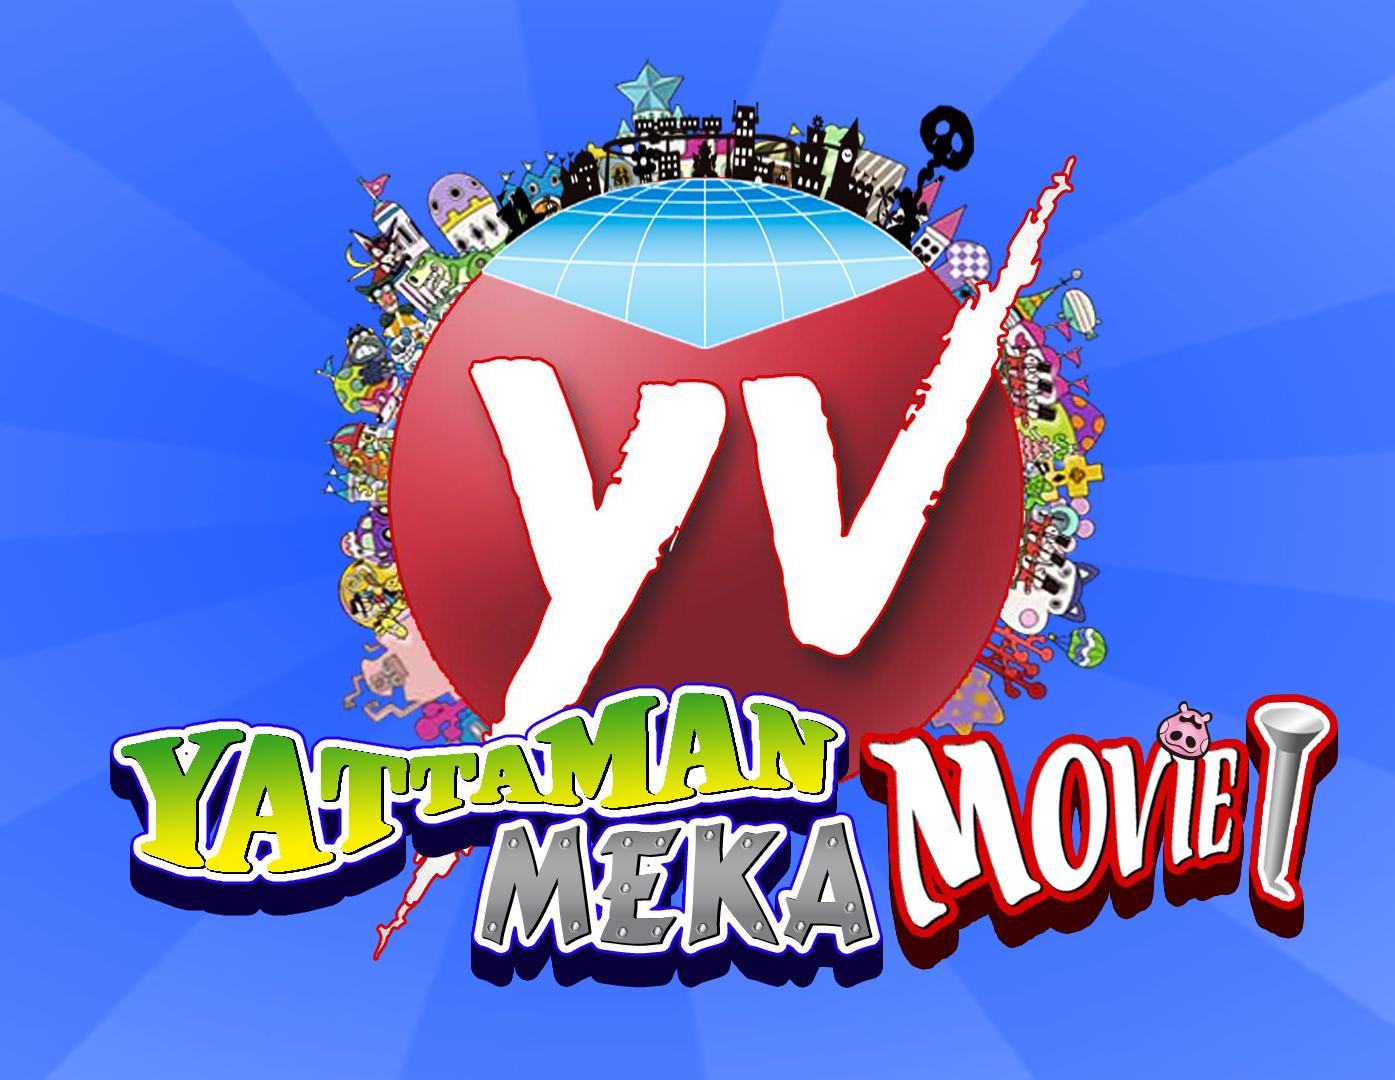 Yamato meka movie